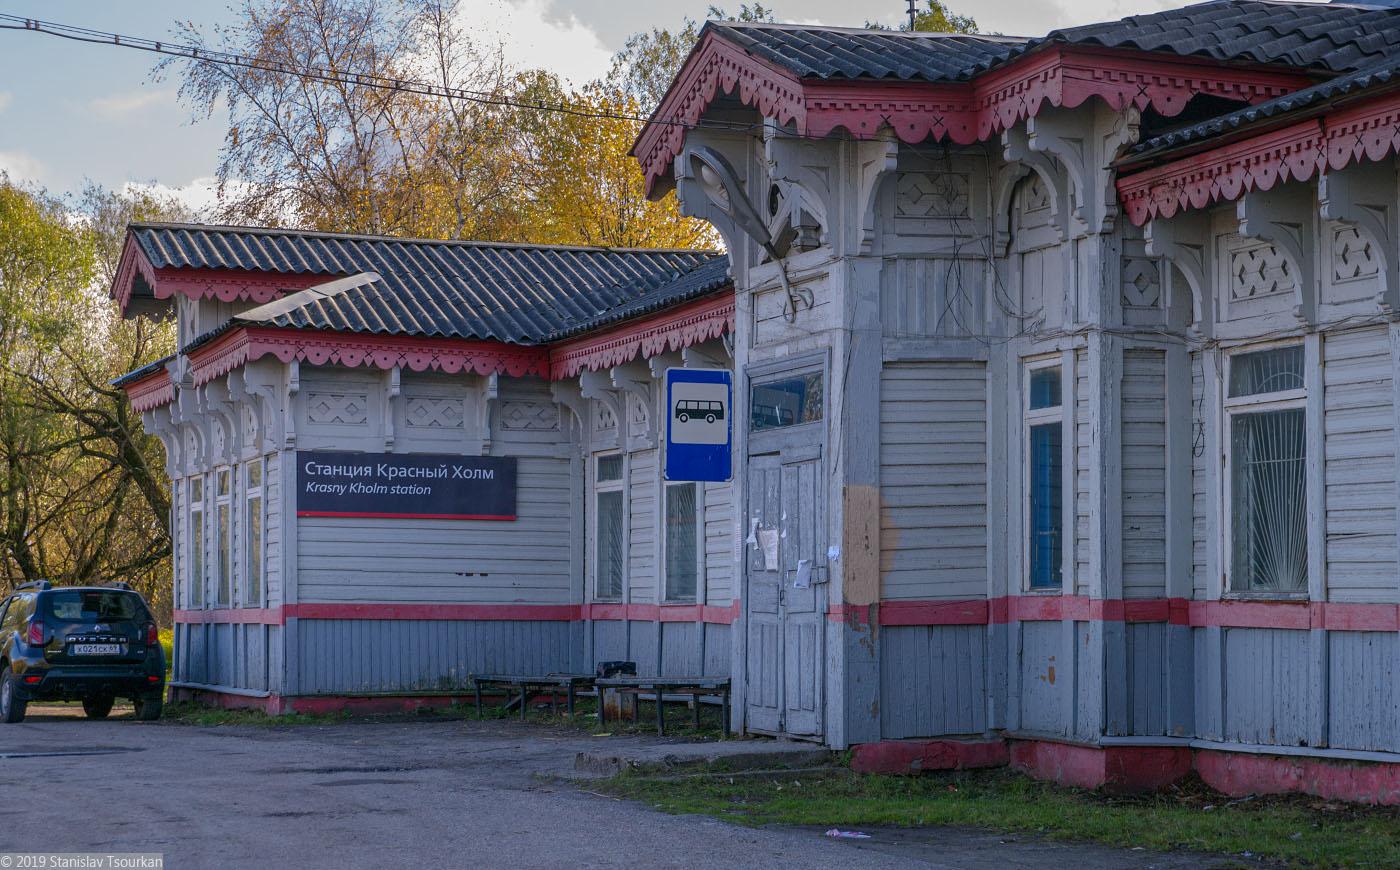 ж/д вокзал, станция Красный холм, вокзал, деревянный вокзал, Красный холм, привокзальная площадь, остановка